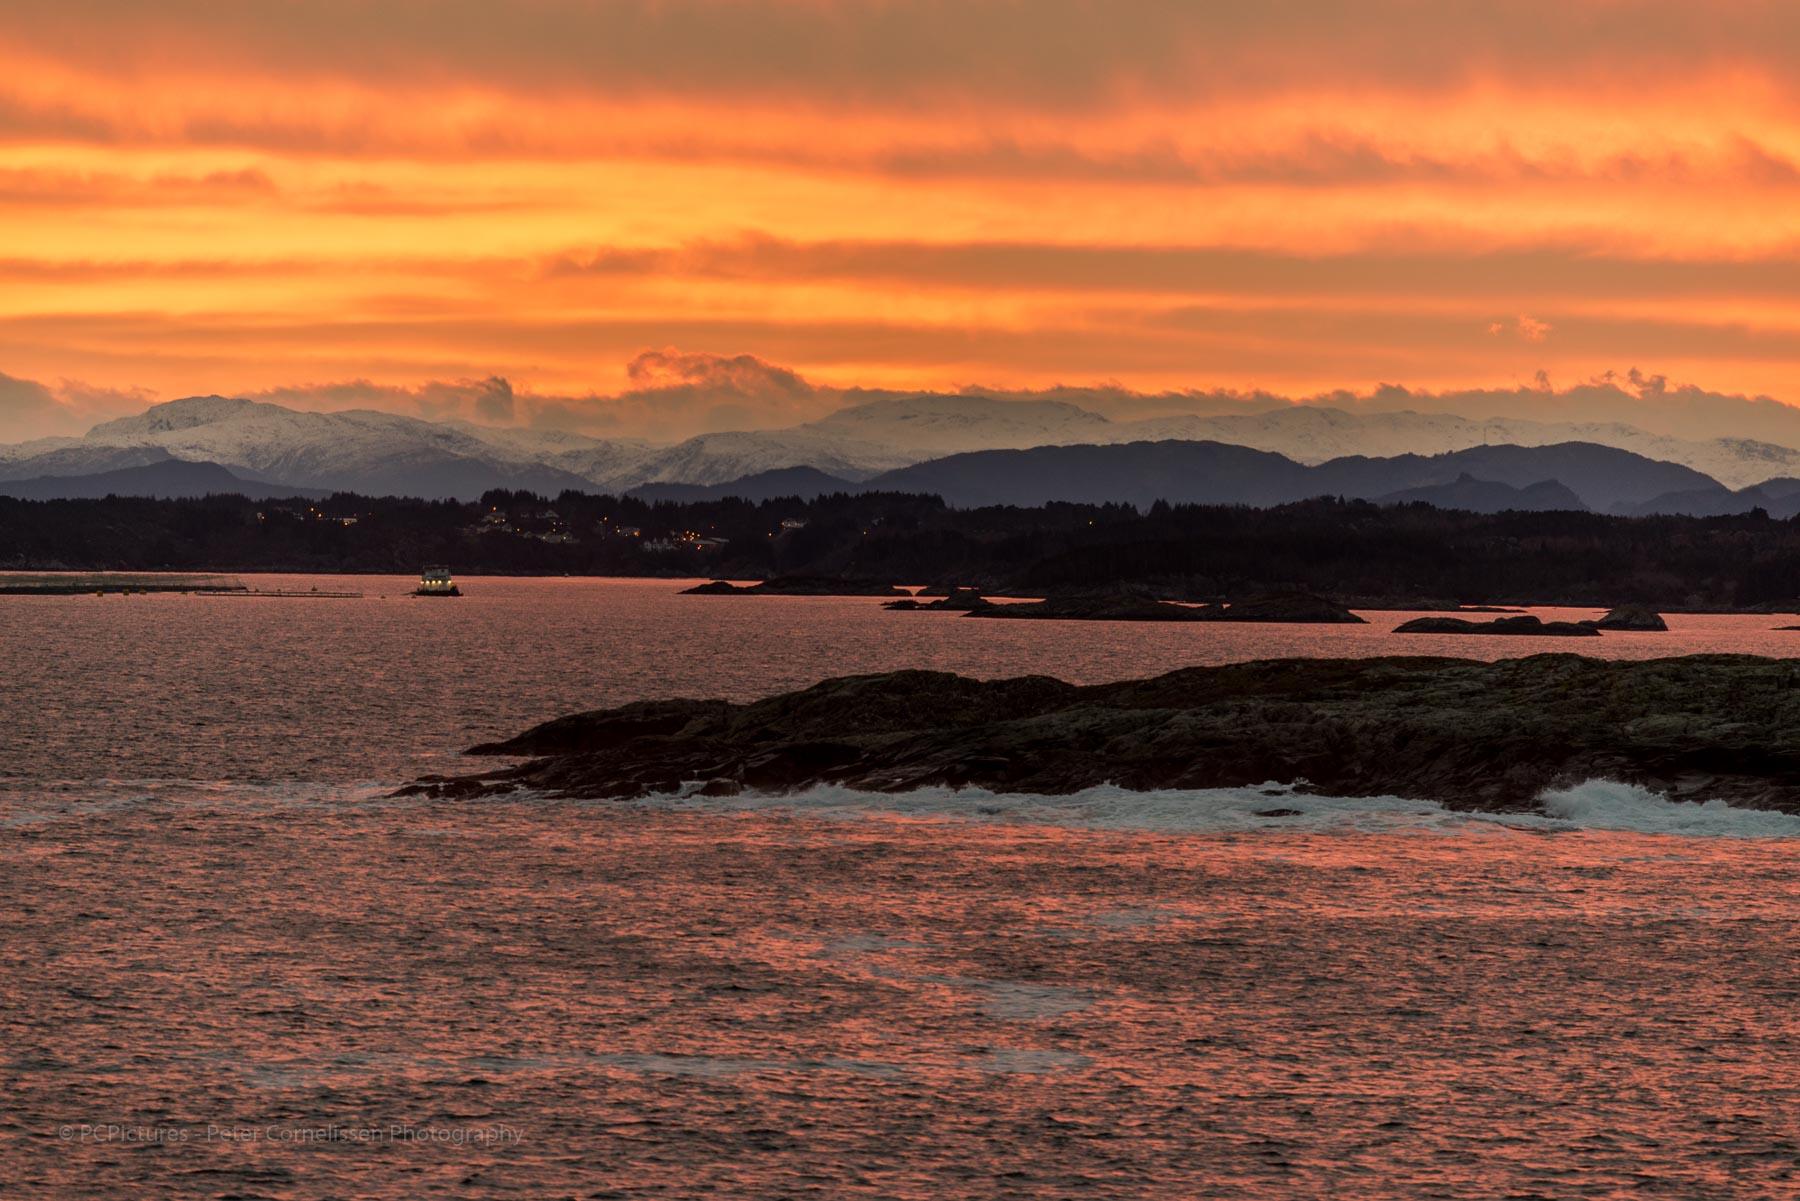 Foto catagoriëen, Landen, Mongstad, Noorwegen, Norway, Seascape, Sunrise, Zonsopkomst, zeegezicht